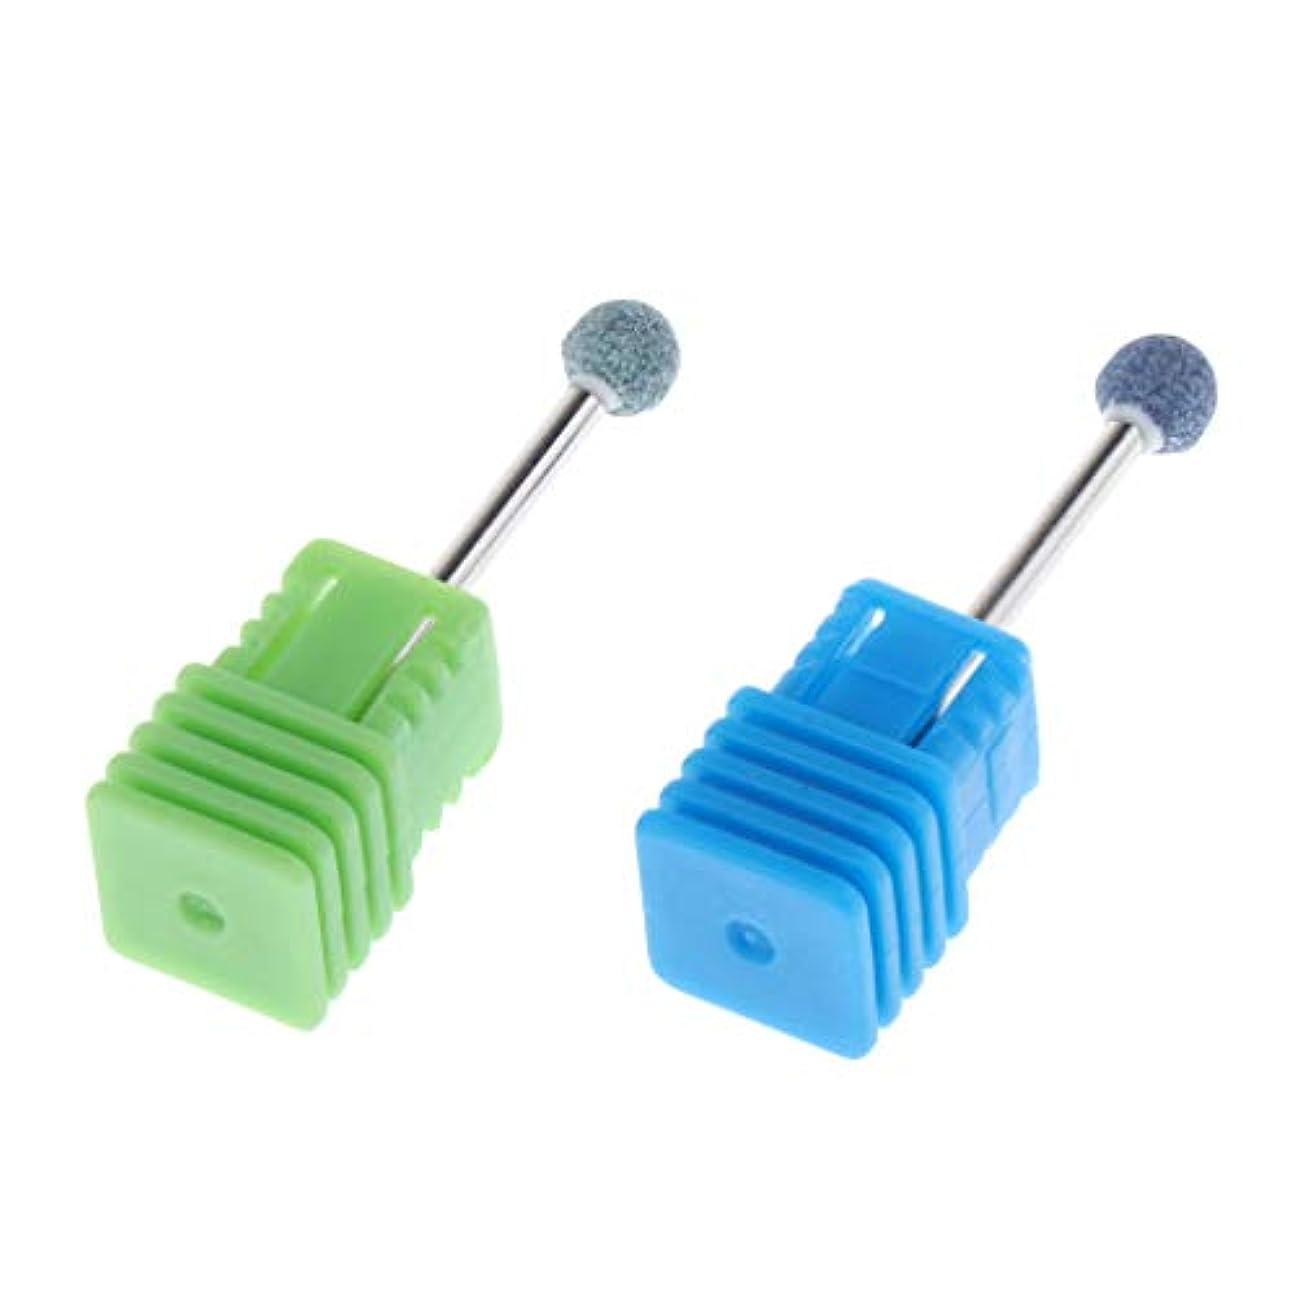 ダッシュ迅速表向きネイル グラインド ヘッド マニキュアビット ネイル 電動研磨ヘッド ネイル道具 ケアツール 2個 全6カラー - 緑+青